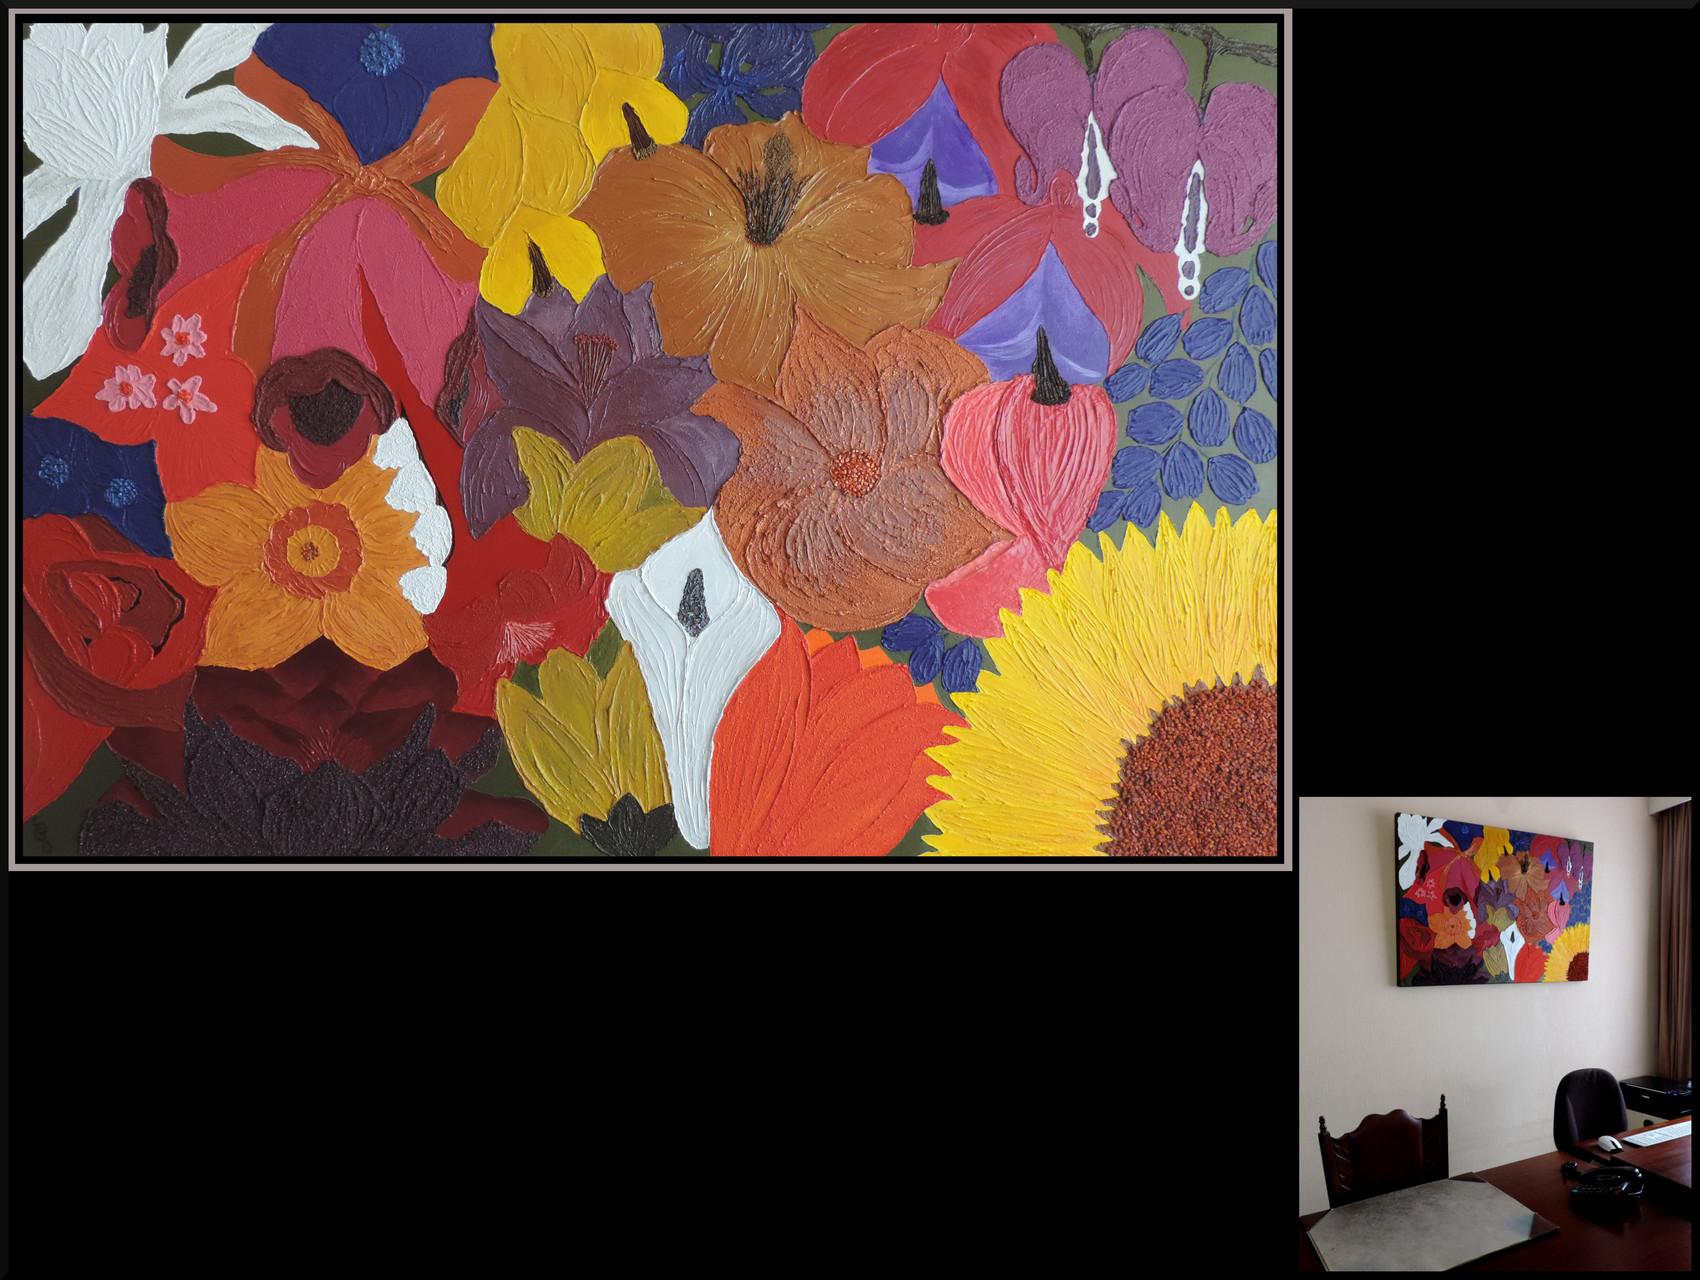 Interieur interior stelinha artiste decoration portrait for Cadeau decoration interieur